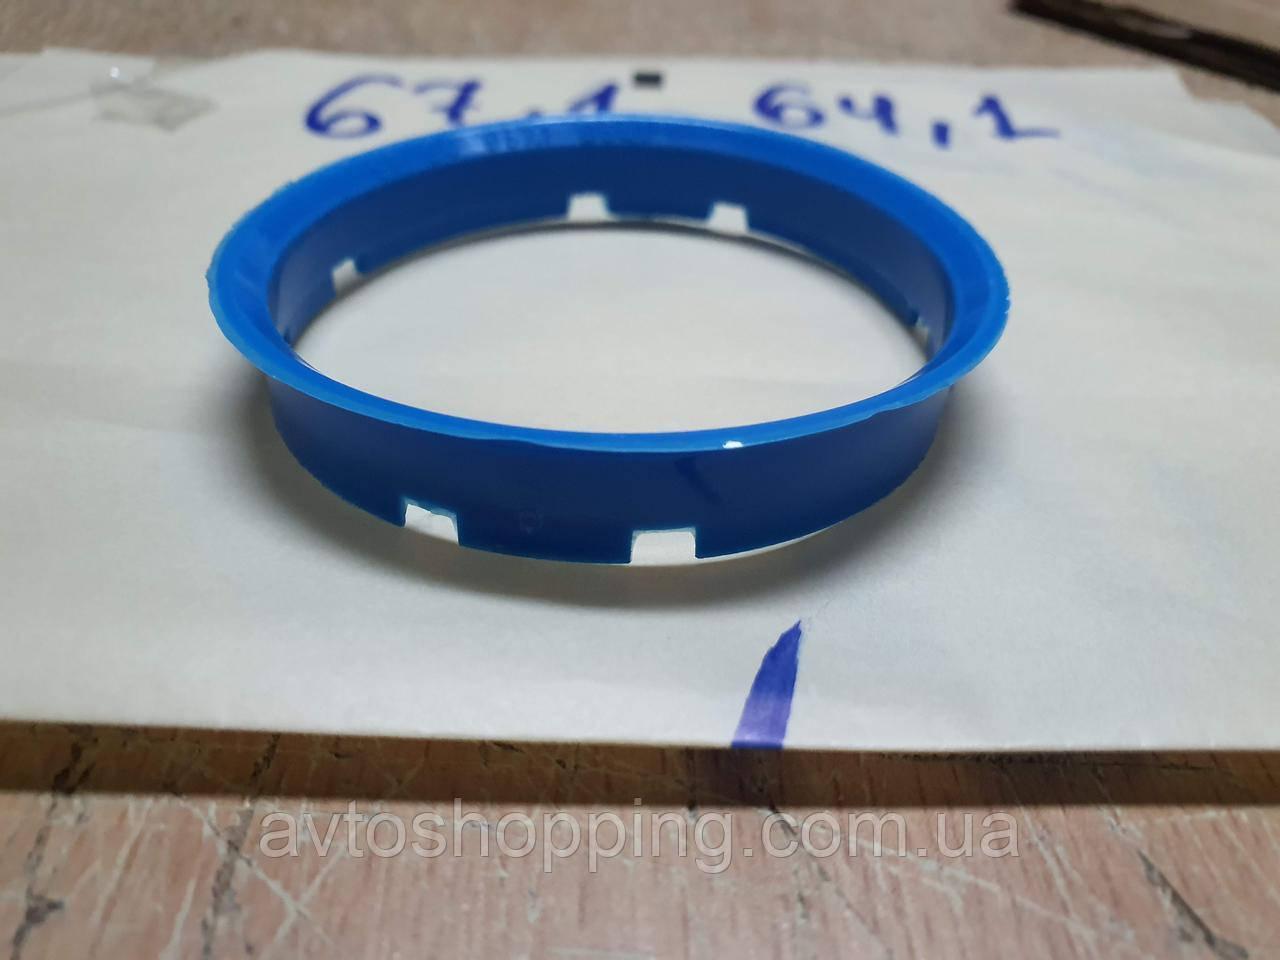 Центровочные проставочные кольца для дисков авто 67,1-64,1 на все марки! Турция! Проставочное кольцо в диск